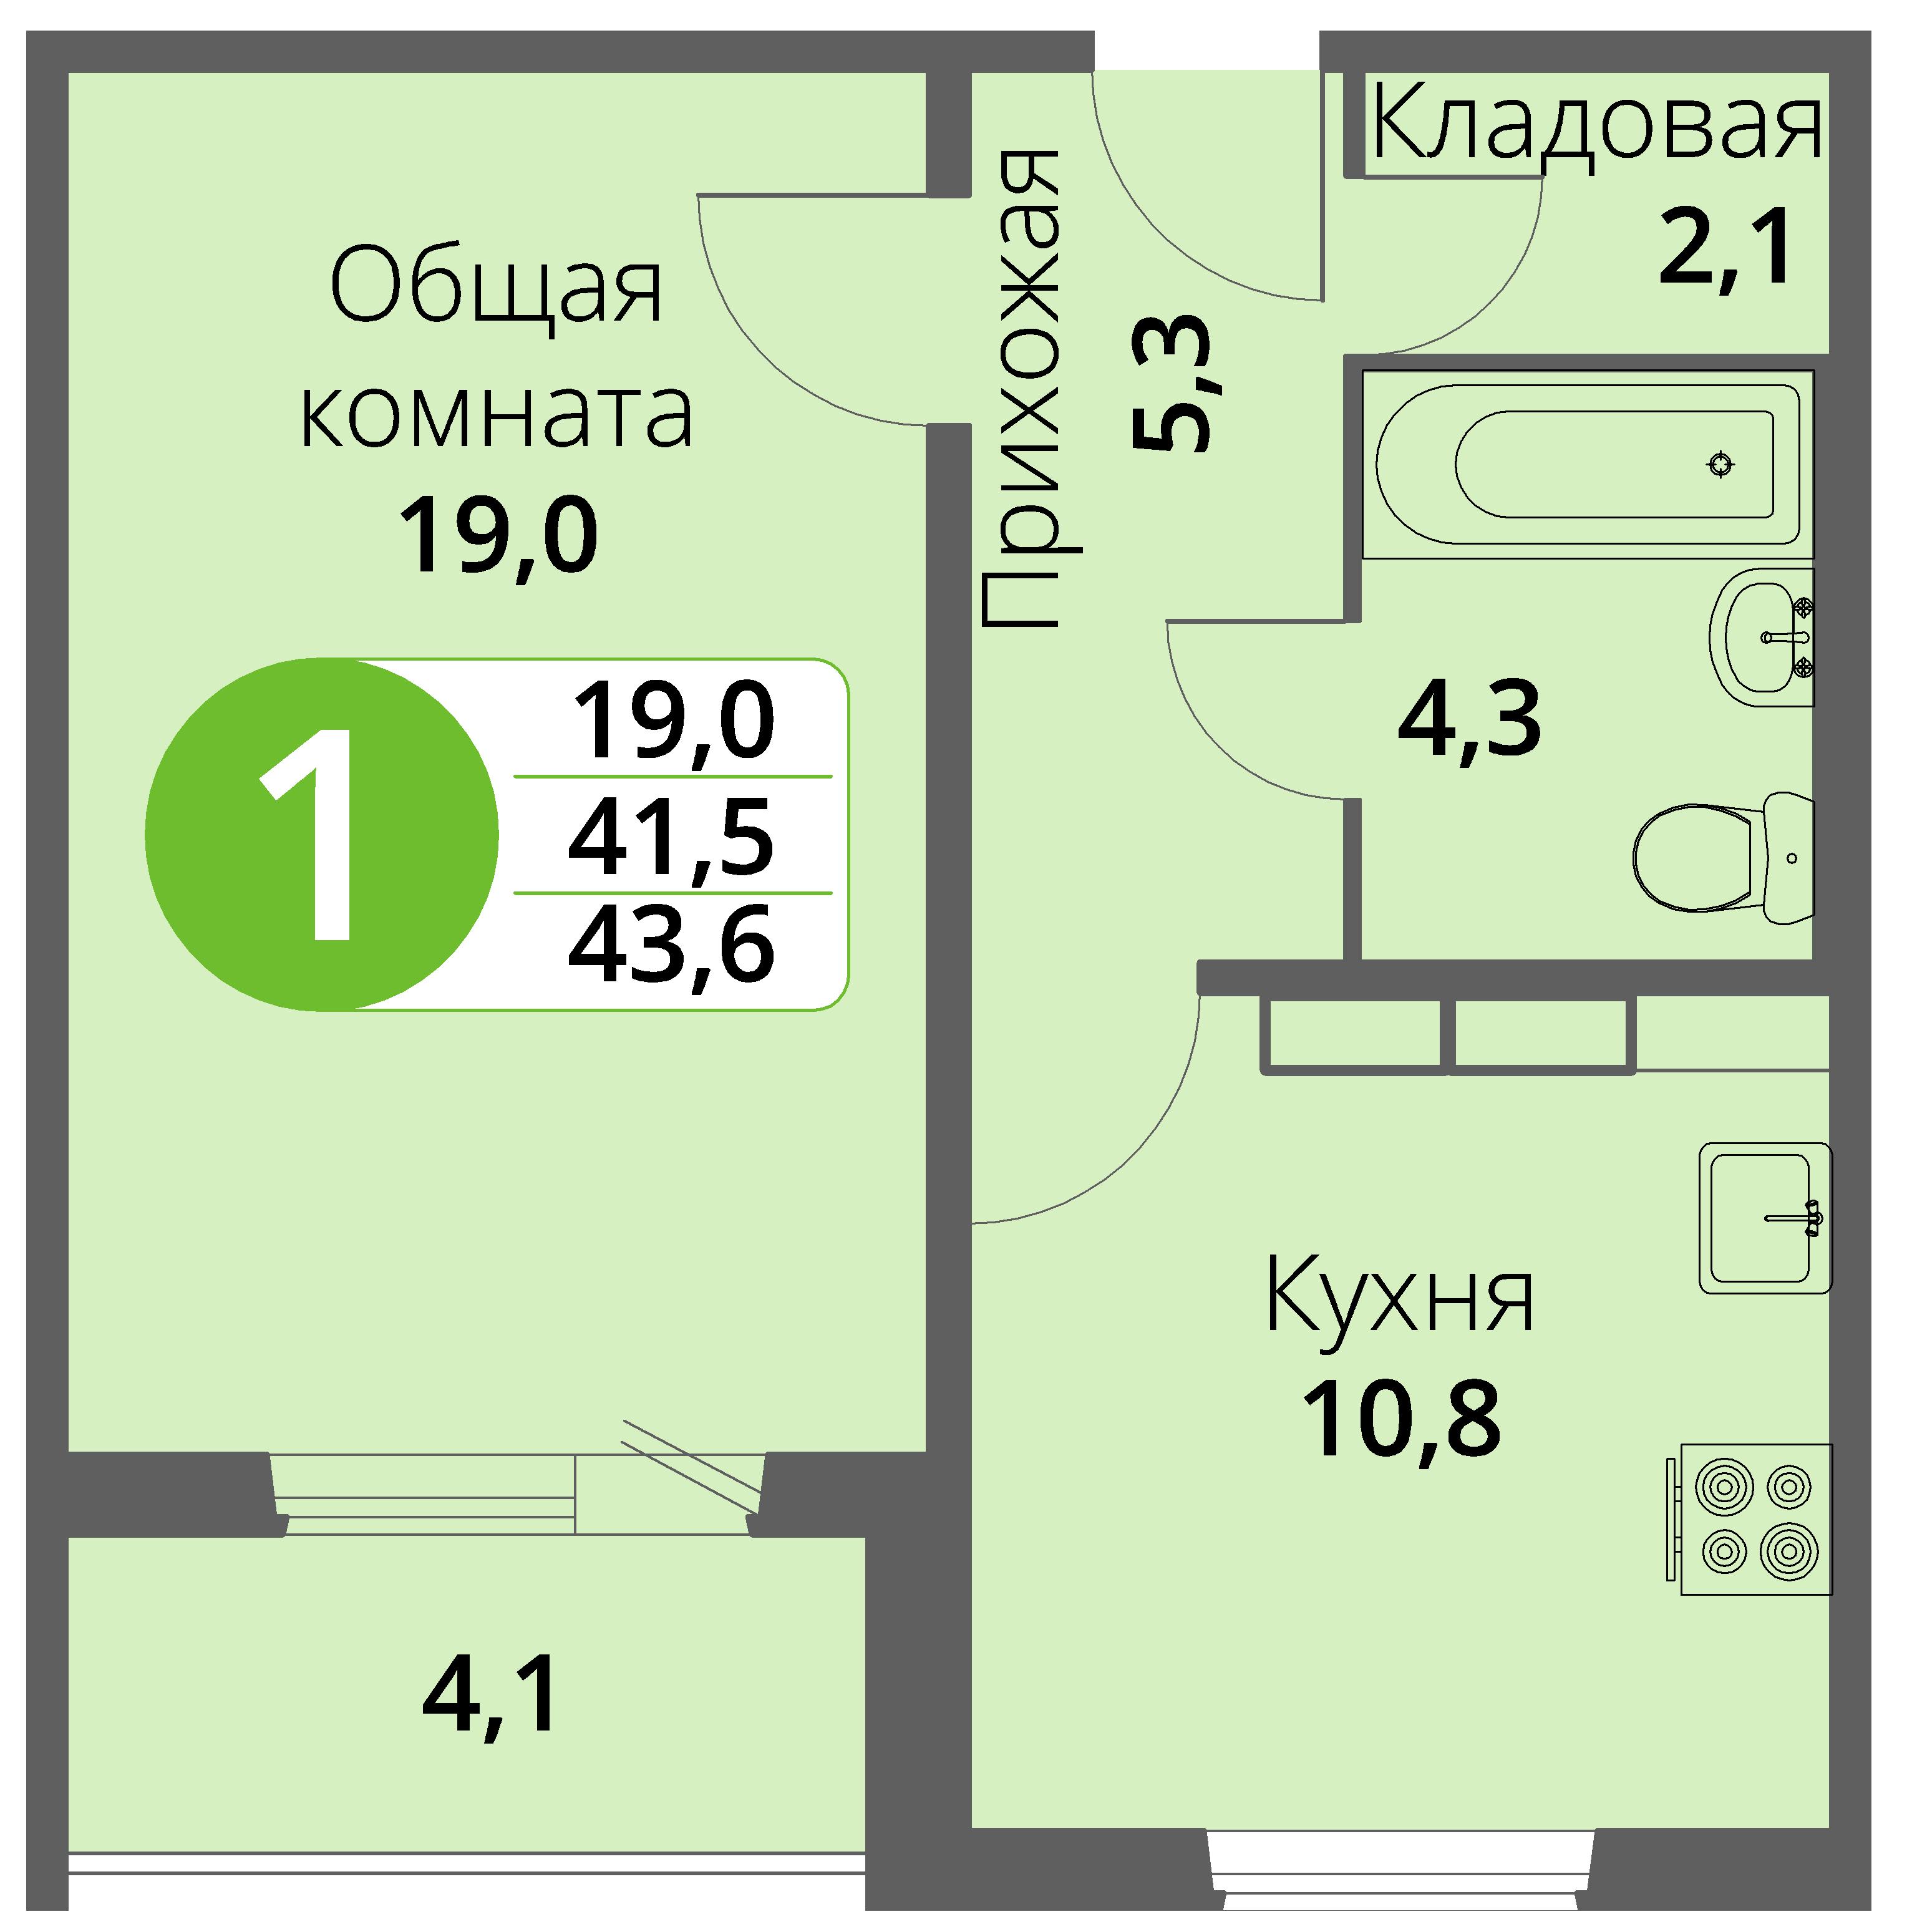 Зареченская 1-2, квартира 29 - Однокомнатная